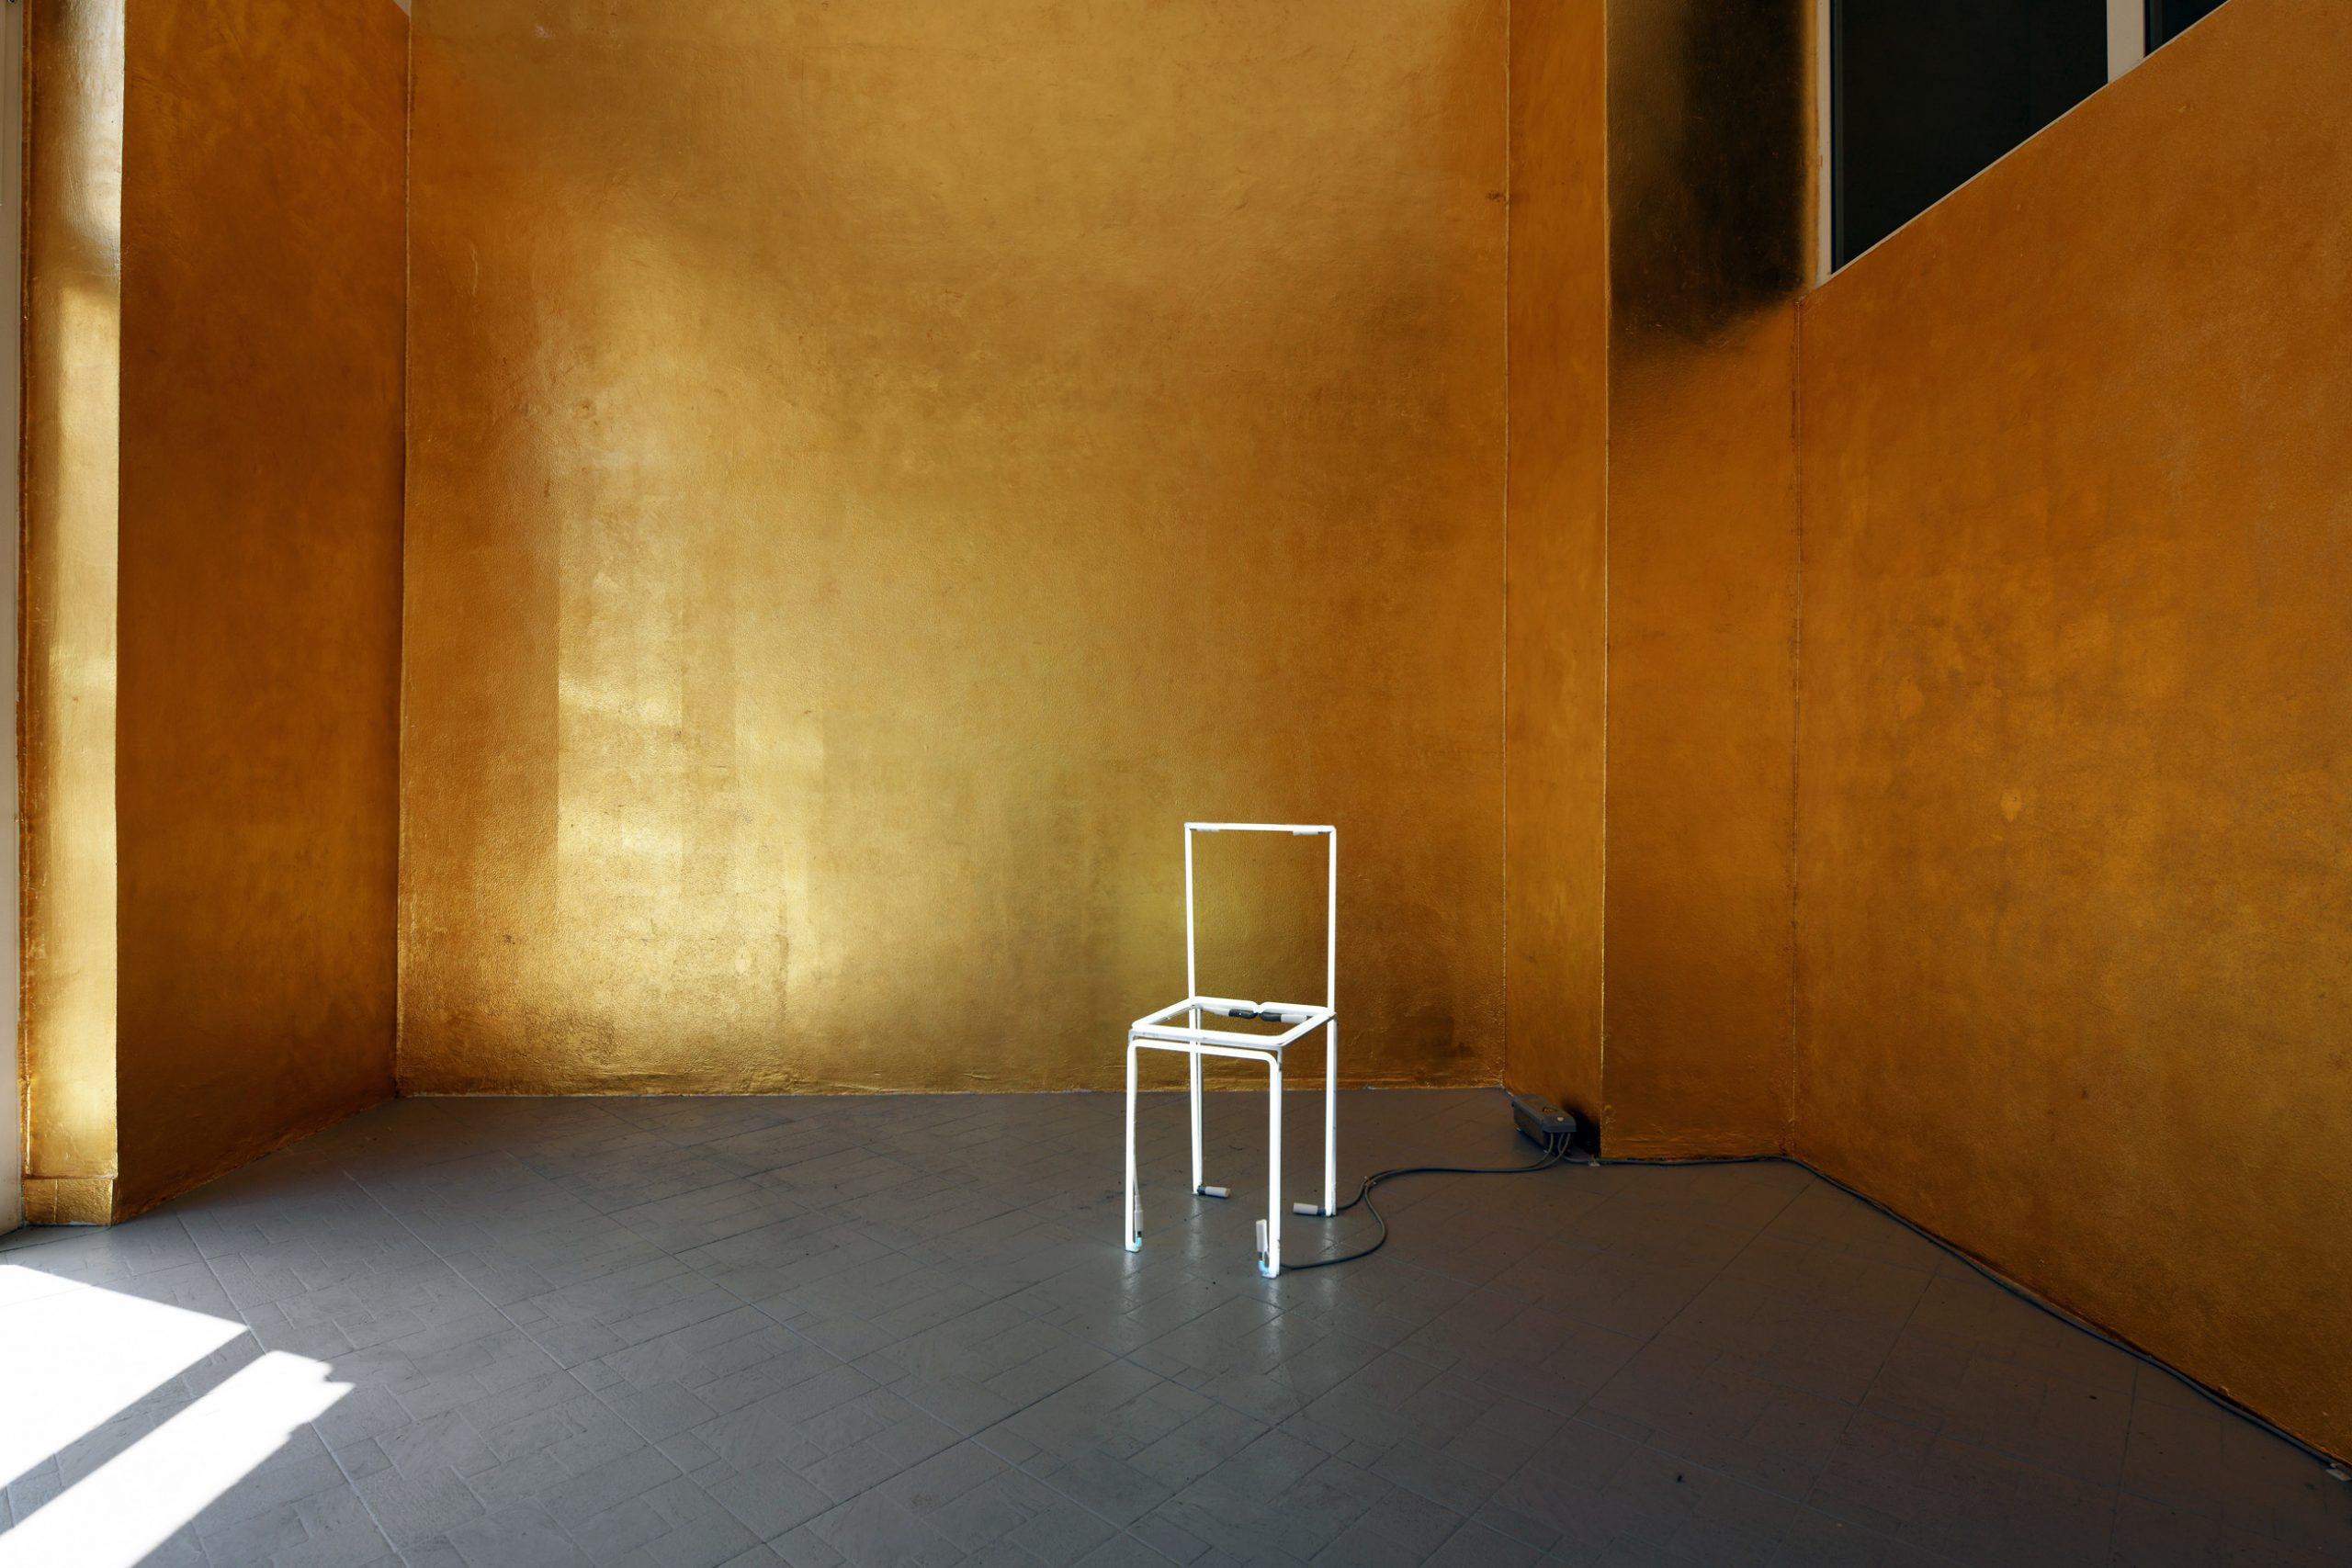 Un'arte politica con il fascino e la delicatezza della poesia. Una mostra fatta di esistenze e gesti, a Milano